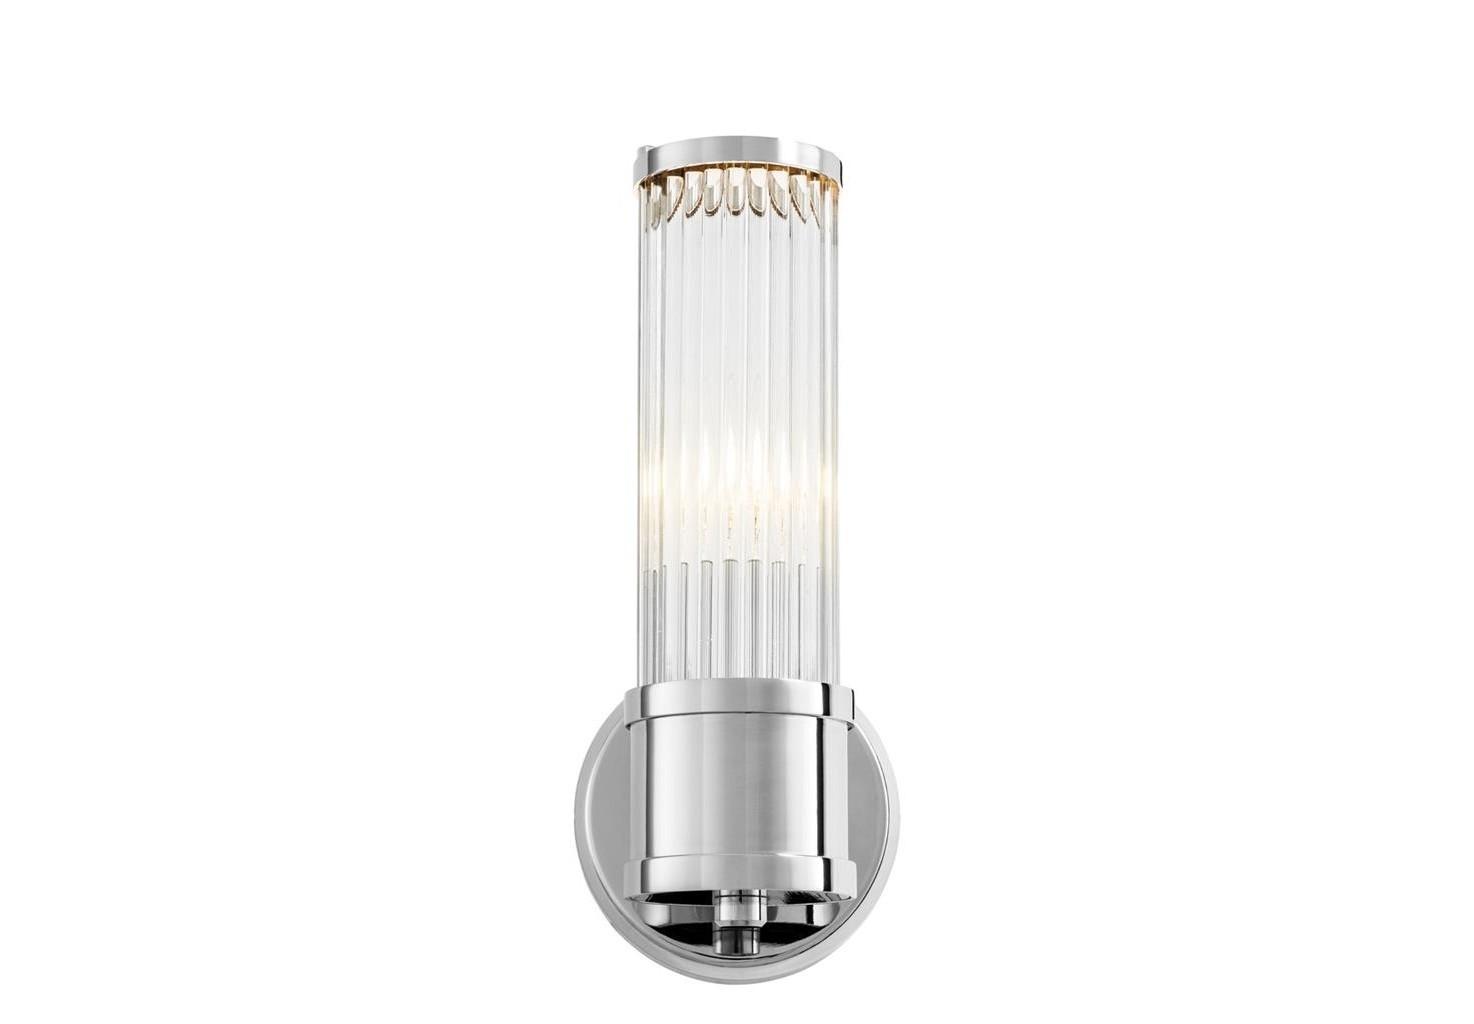 Настенный светильникБра<br>Настенный светильник Wall Lamp Claridges Single выполнен из никелированного металла. Плафон выполнен из фактурного прозрачного стекла.&amp;lt;div&amp;gt;&amp;lt;br&amp;gt;&amp;lt;/div&amp;gt;&amp;lt;div&amp;gt;&amp;lt;div&amp;gt;Тип цоколя: E14&amp;lt;/div&amp;gt;&amp;lt;div&amp;gt;Мощность: 40W&amp;lt;/div&amp;gt;&amp;lt;div&amp;gt;Кол-во ламп: 1 (нет в комплекте)&amp;lt;/div&amp;gt;&amp;lt;/div&amp;gt;<br><br>Material: Металл<br>Width см: 12<br>Depth см: 13<br>Height см: 29,5